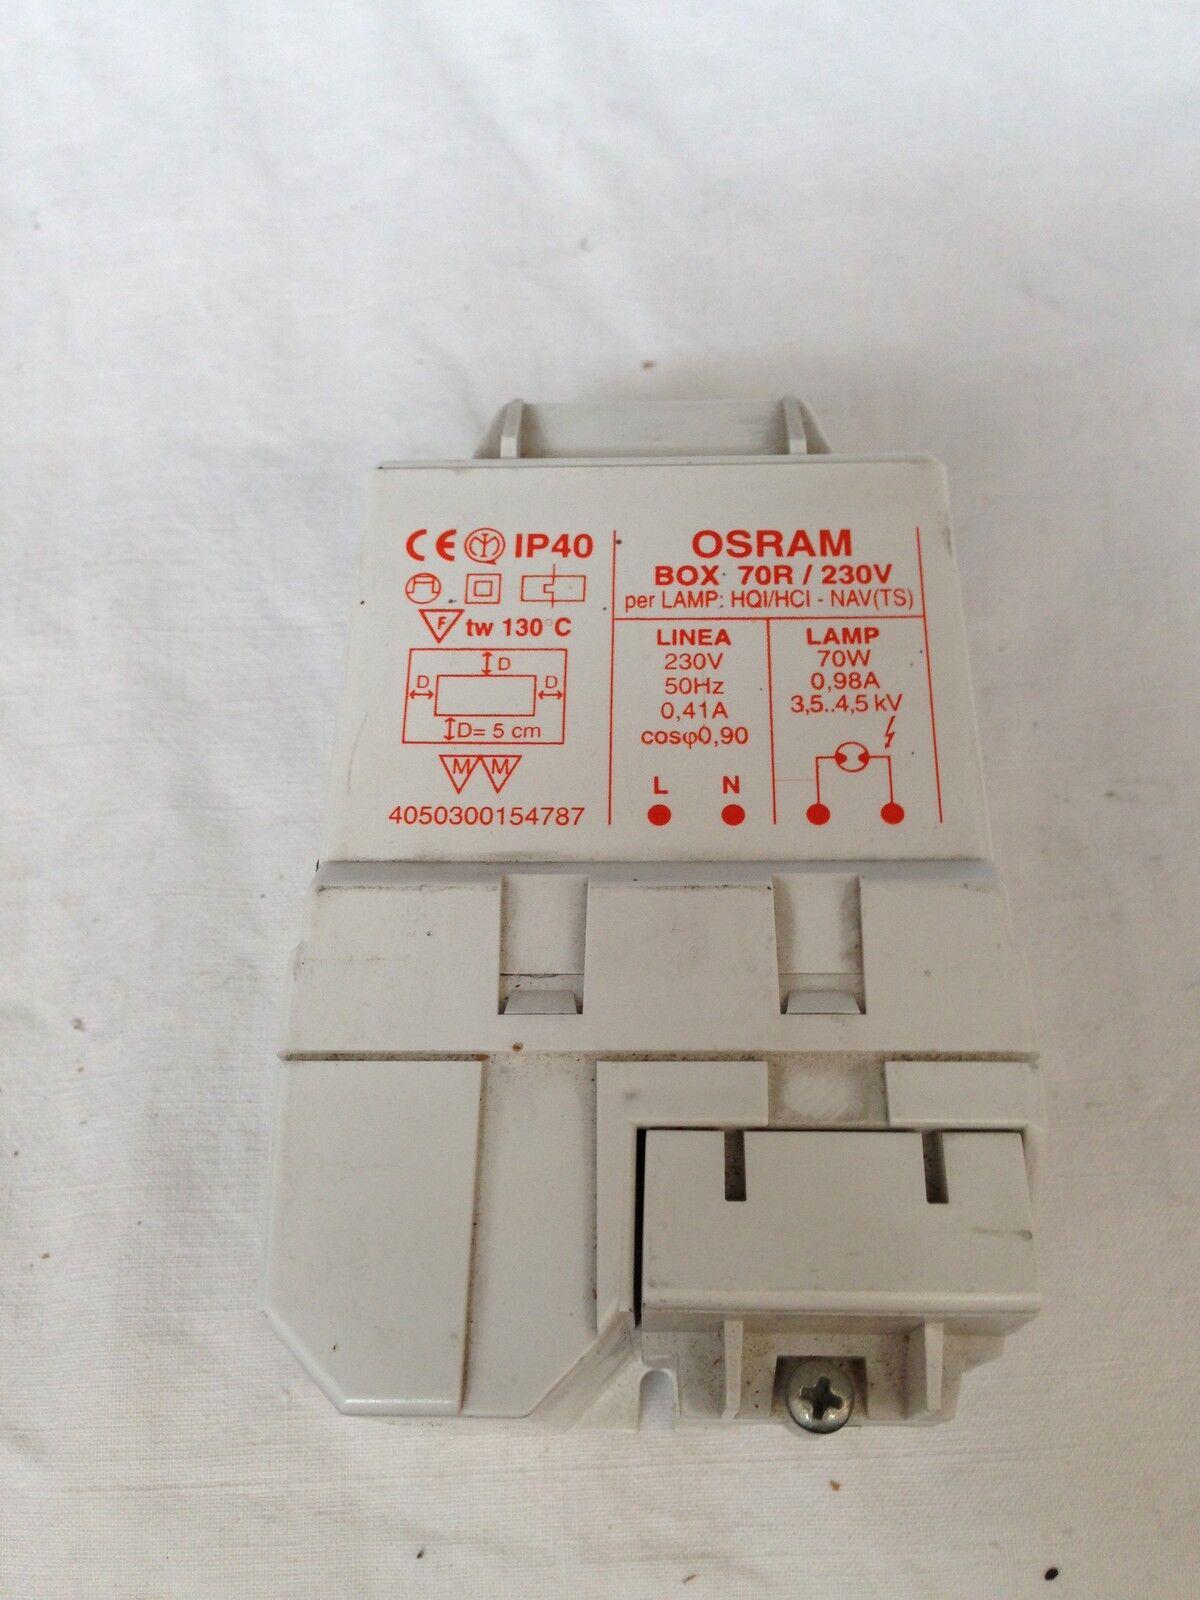 KIT  ALIMENTATORE ACCENDITORE BALLAST 70W SCARICA OSRAM BOX 70R 230V